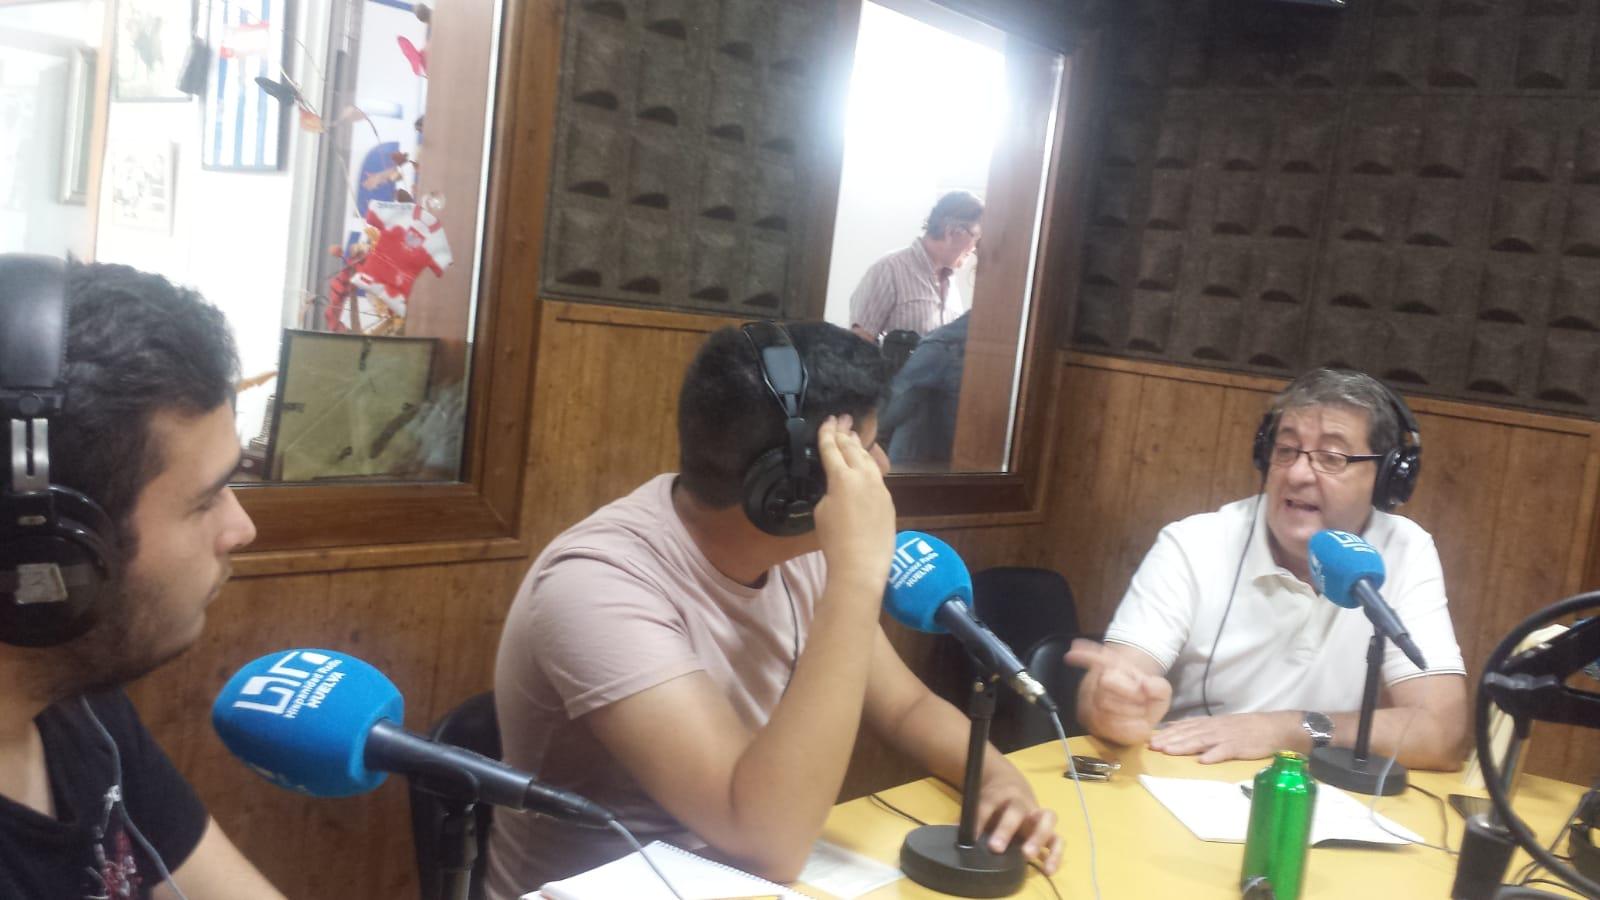 La Caverna 13-06-2019 Final de temporada y entrevista a Cayetano Santana.